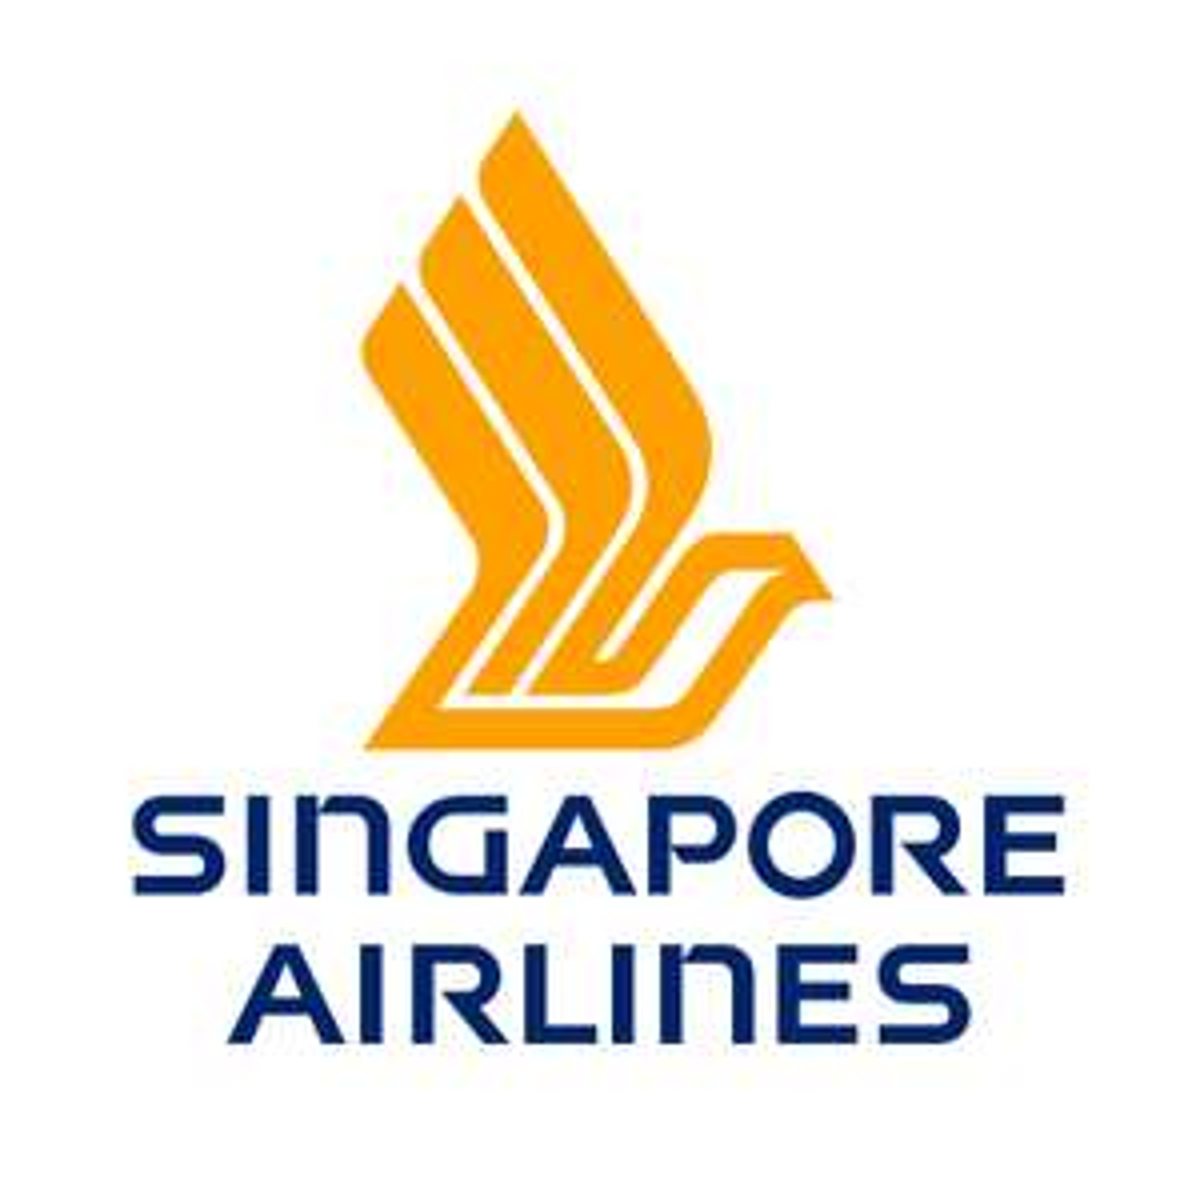 Flüge mit Singapore Airlines nach Thailand, Vietnam, Malaysia und Indonesien ab 435€ inkl. 30kg Gepäck von Zürich (März - Dezember)